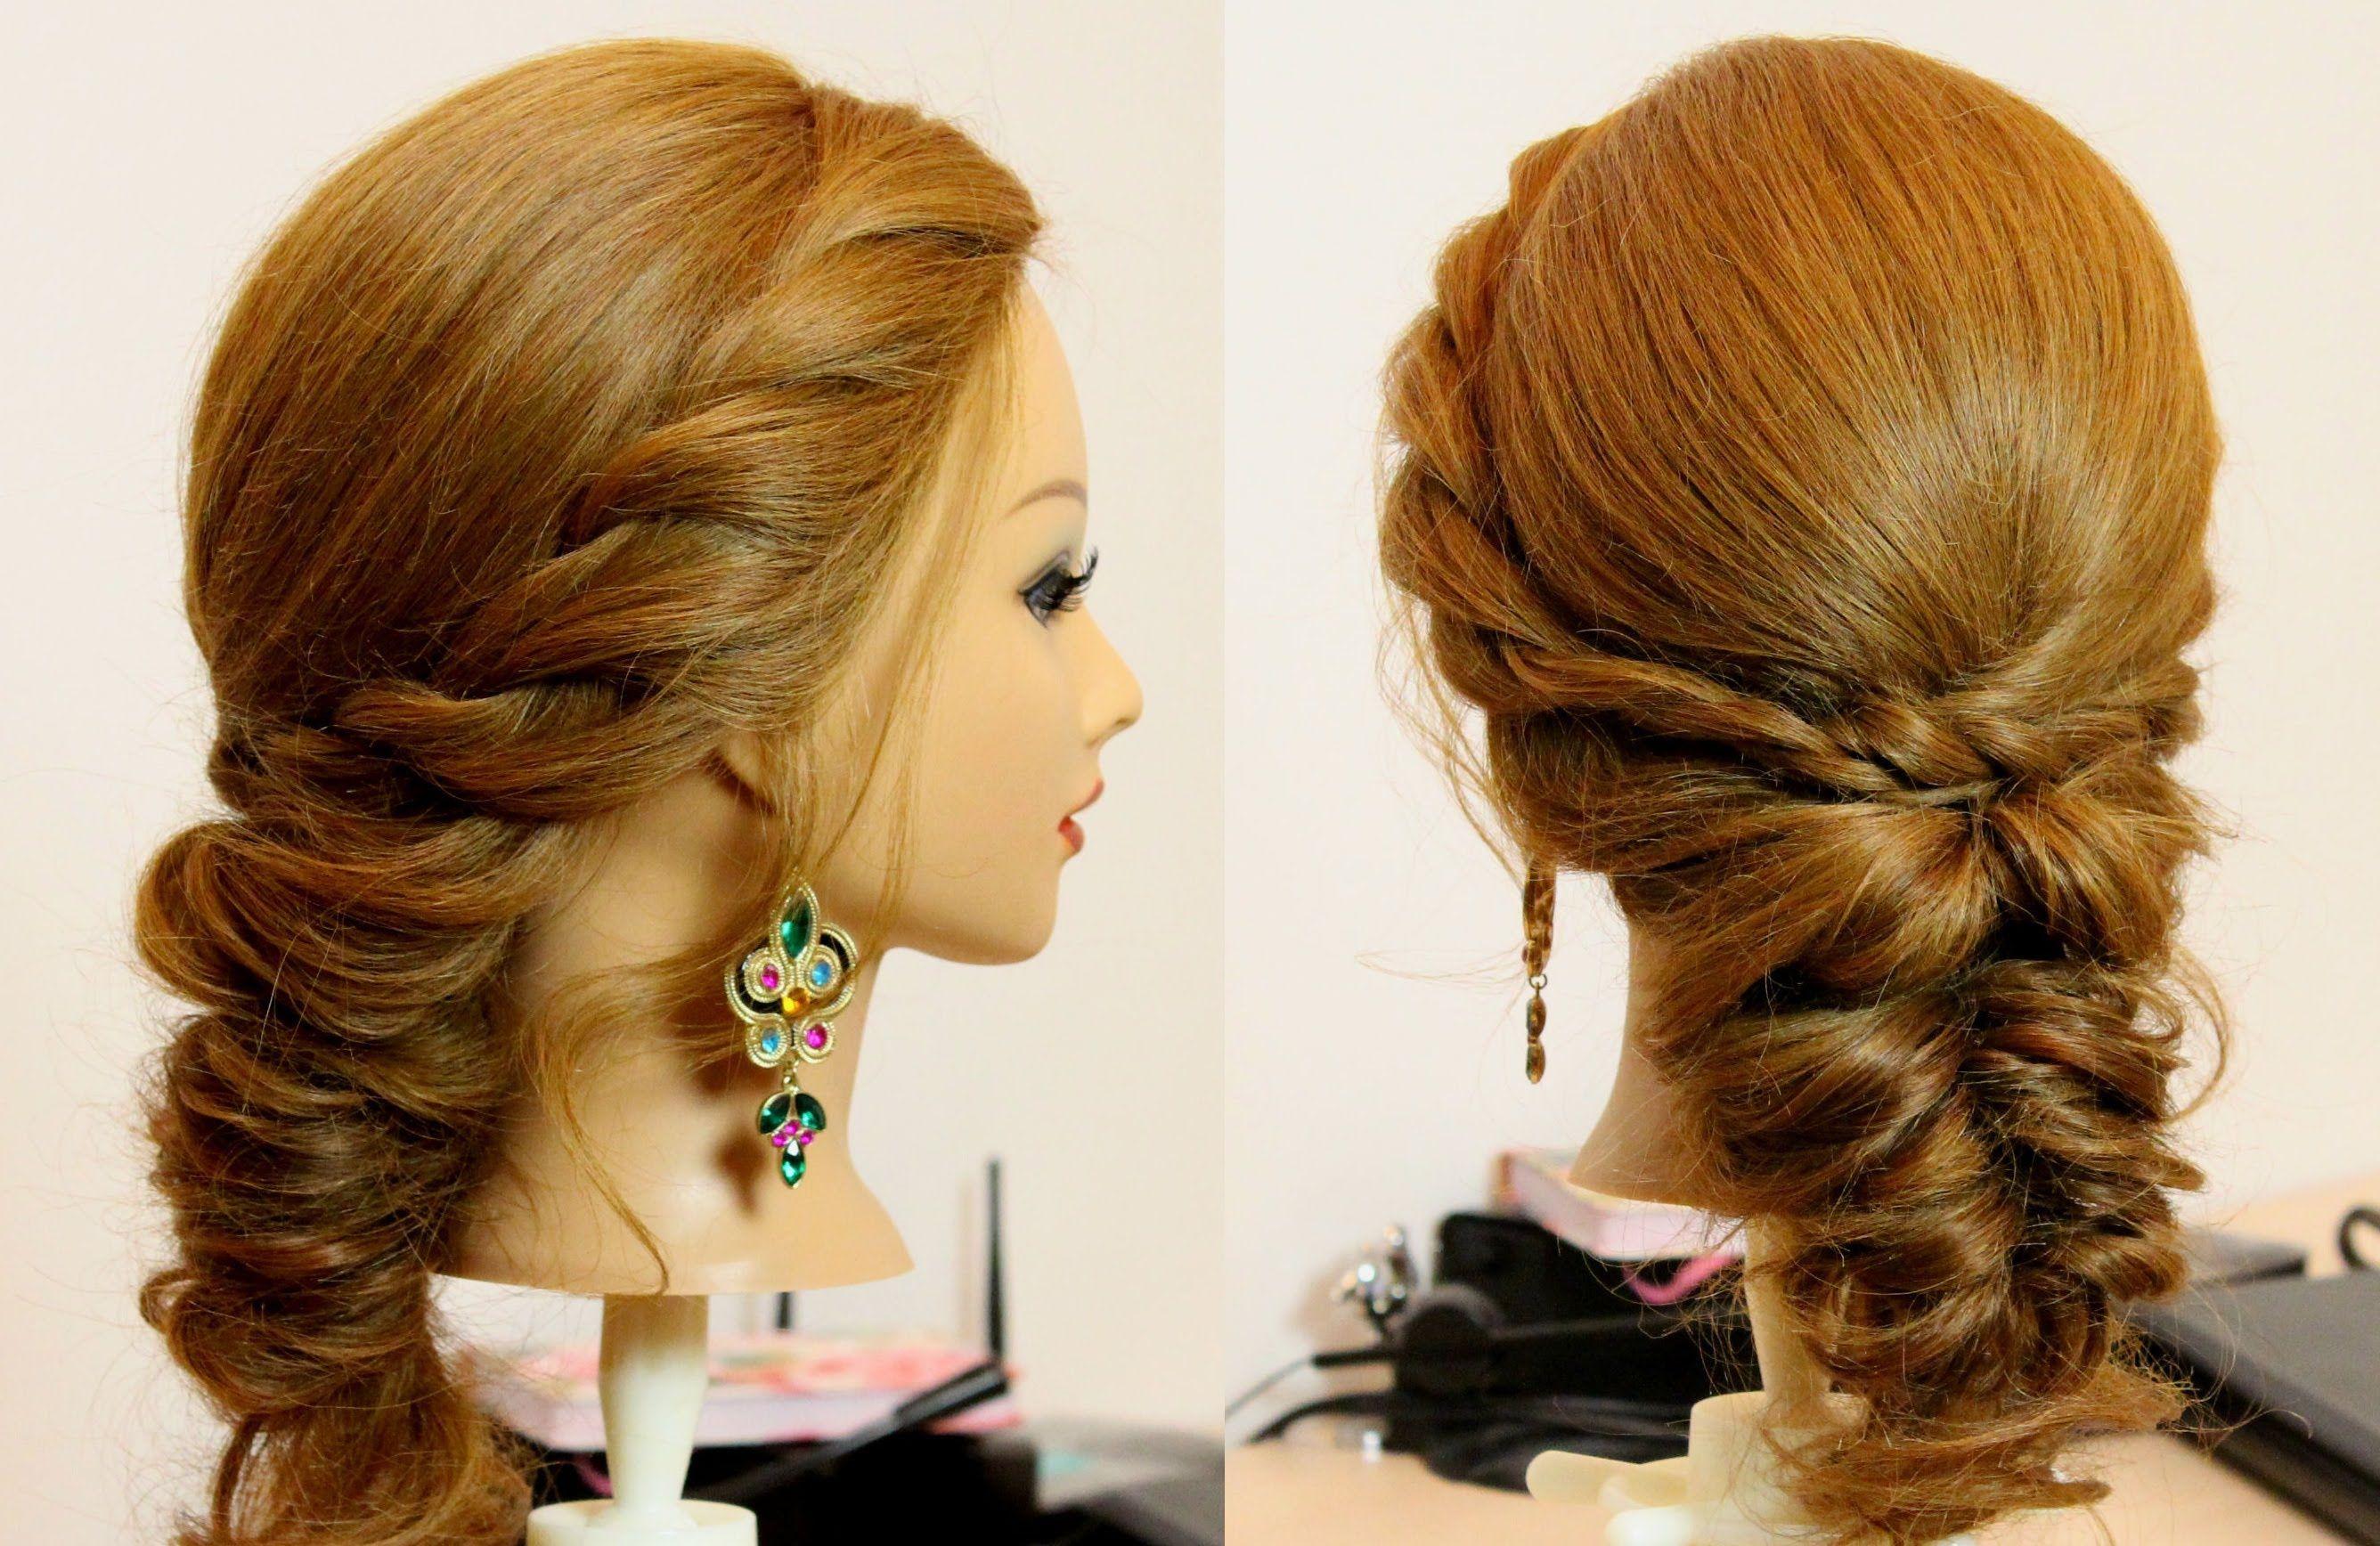 تسريحات شعر بسيطة للشعر القصير Youtube Medium Hair Styles Easy Hairstyles Hair Styles